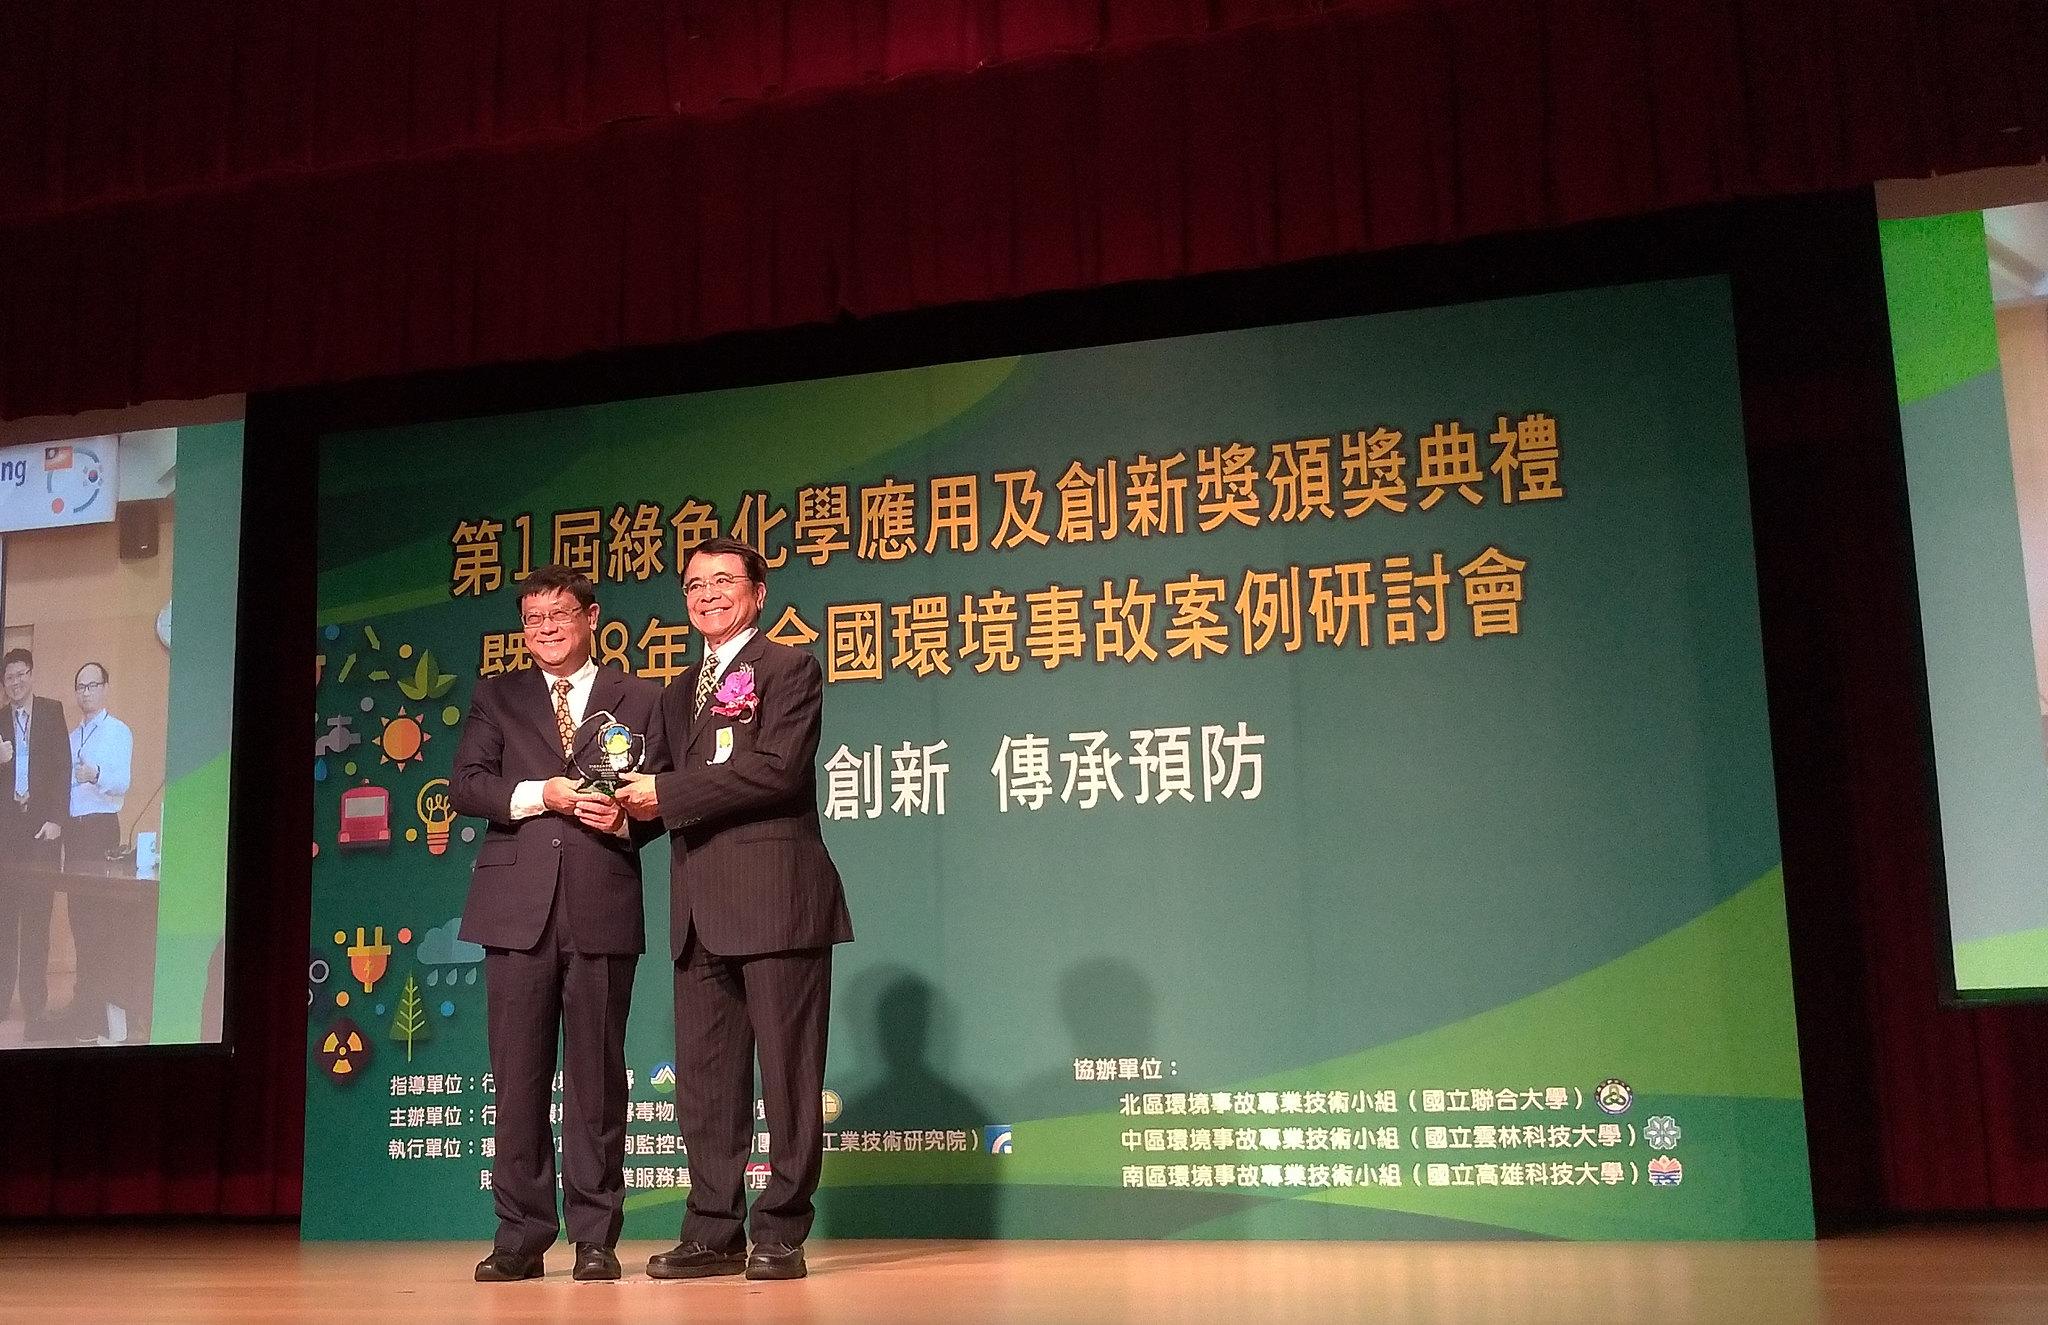 (左起)環保署長張子敬、個人組得獎者環境資源研究發展基金會顧問洪榮勳。孫文臨攝